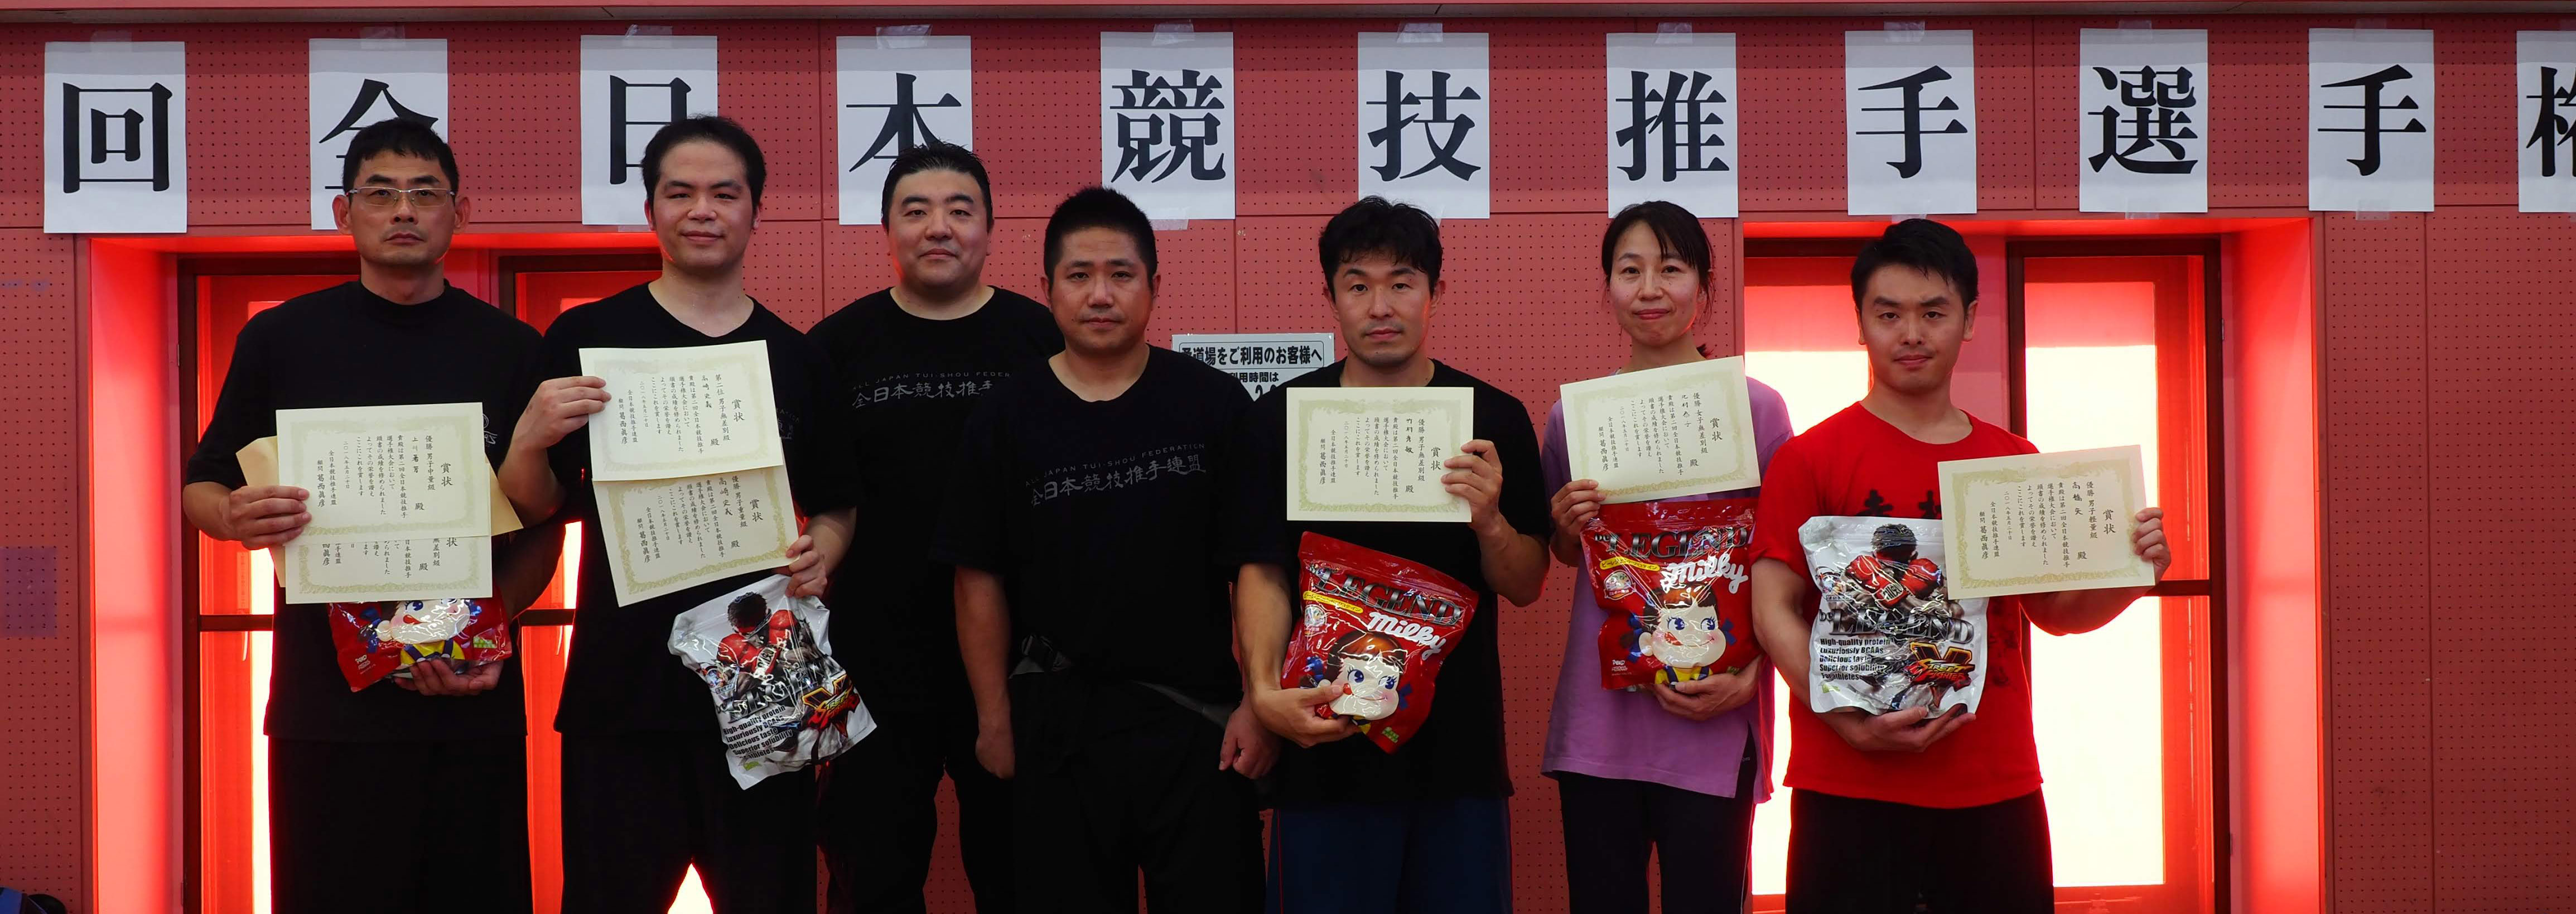 第2回 全日本大会 [2018-05-20]